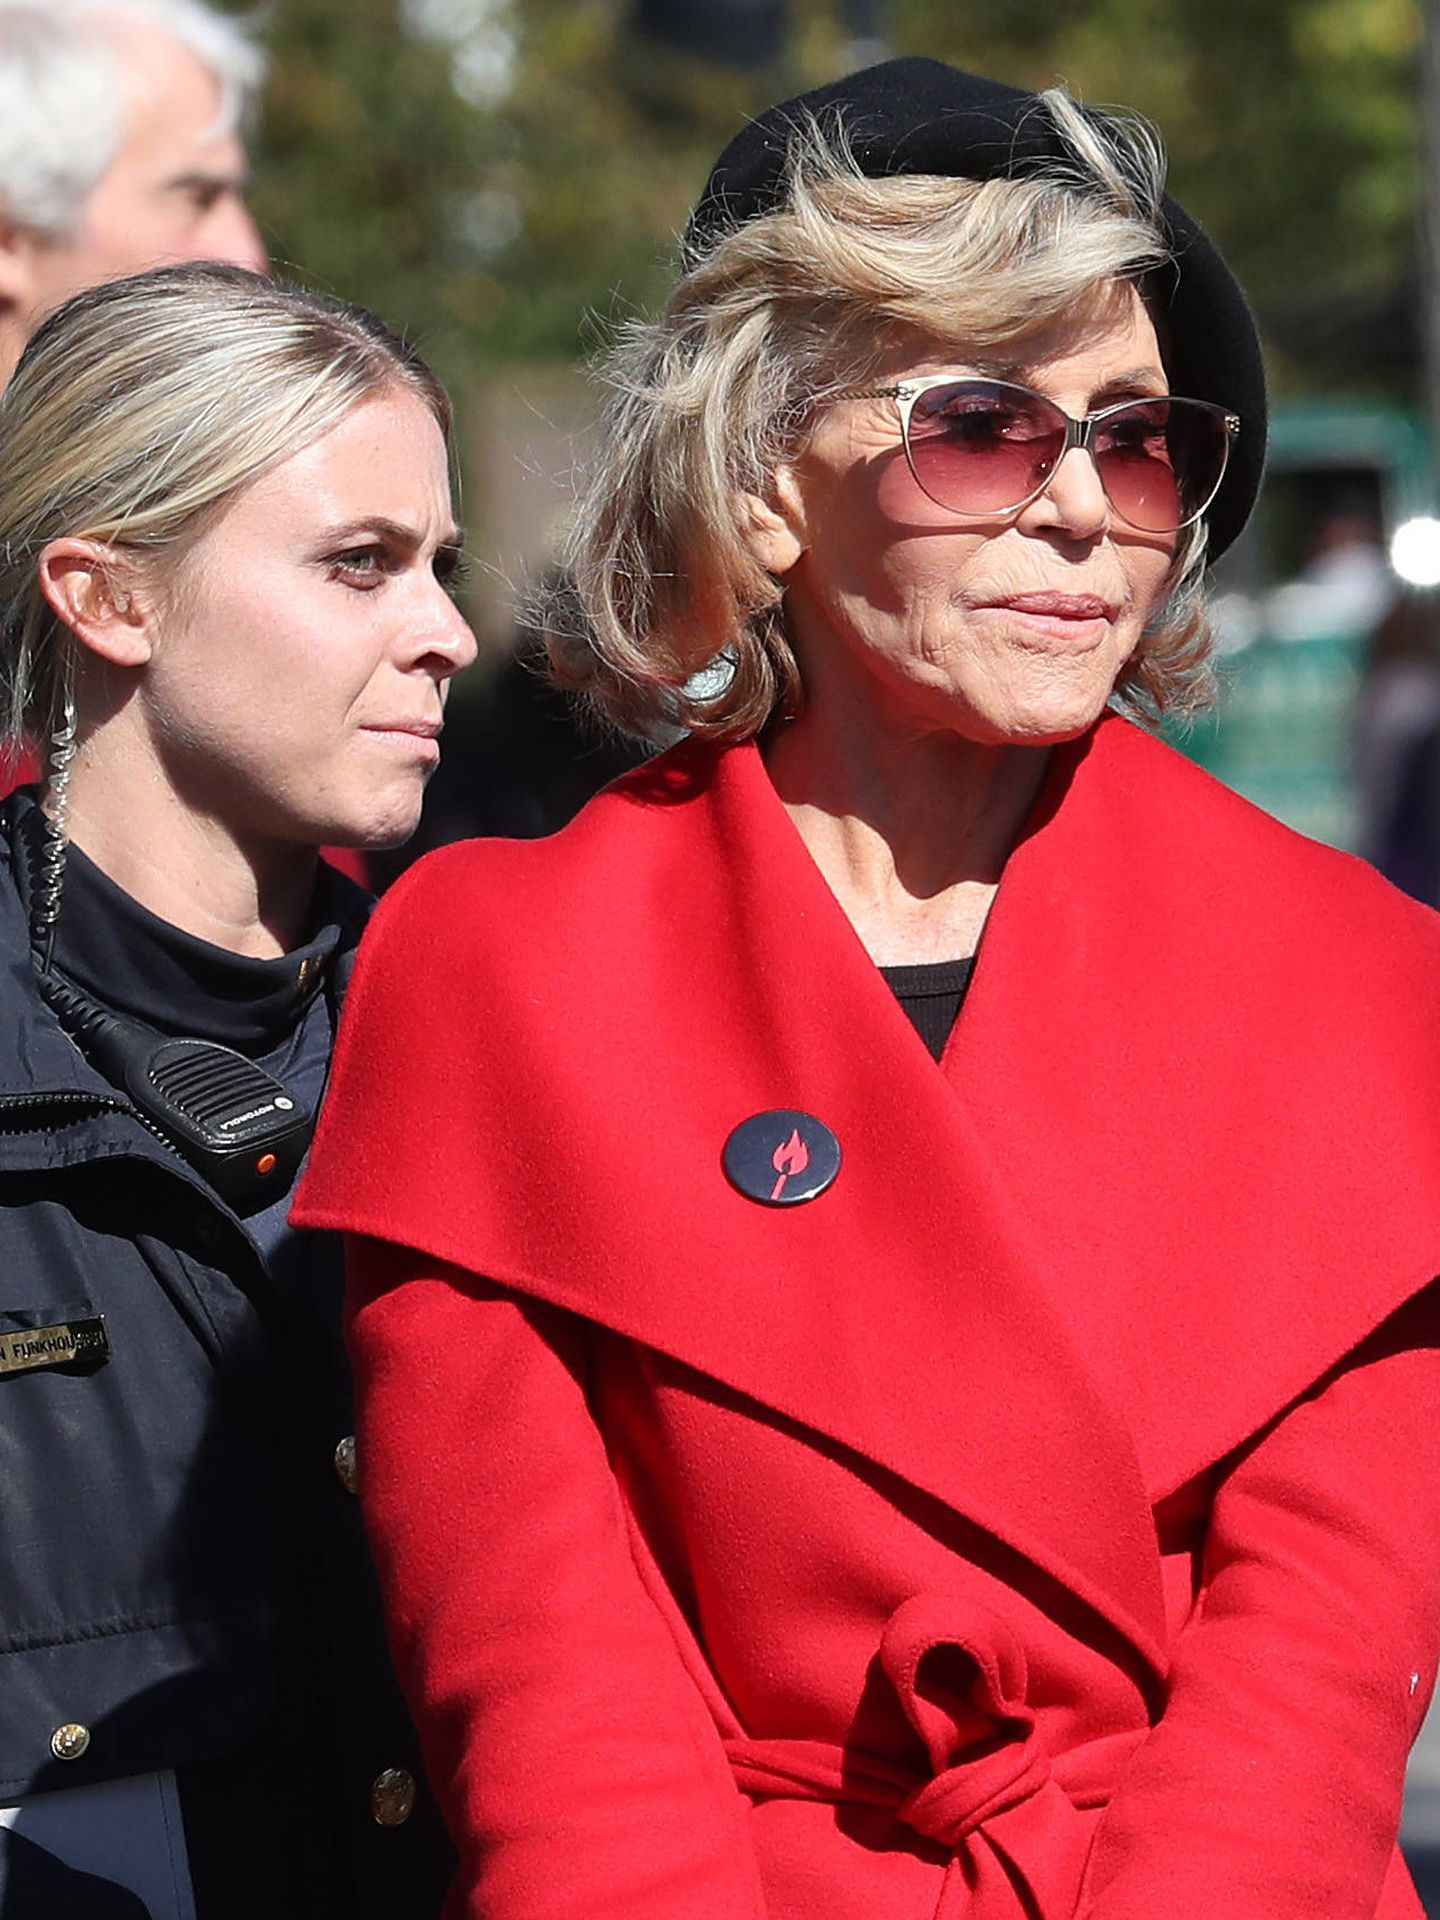 Jane Fonda (con su look de activista),  siendo arrestada por manifestarse contra el cambio climático frente al Capitolio. (Getty)